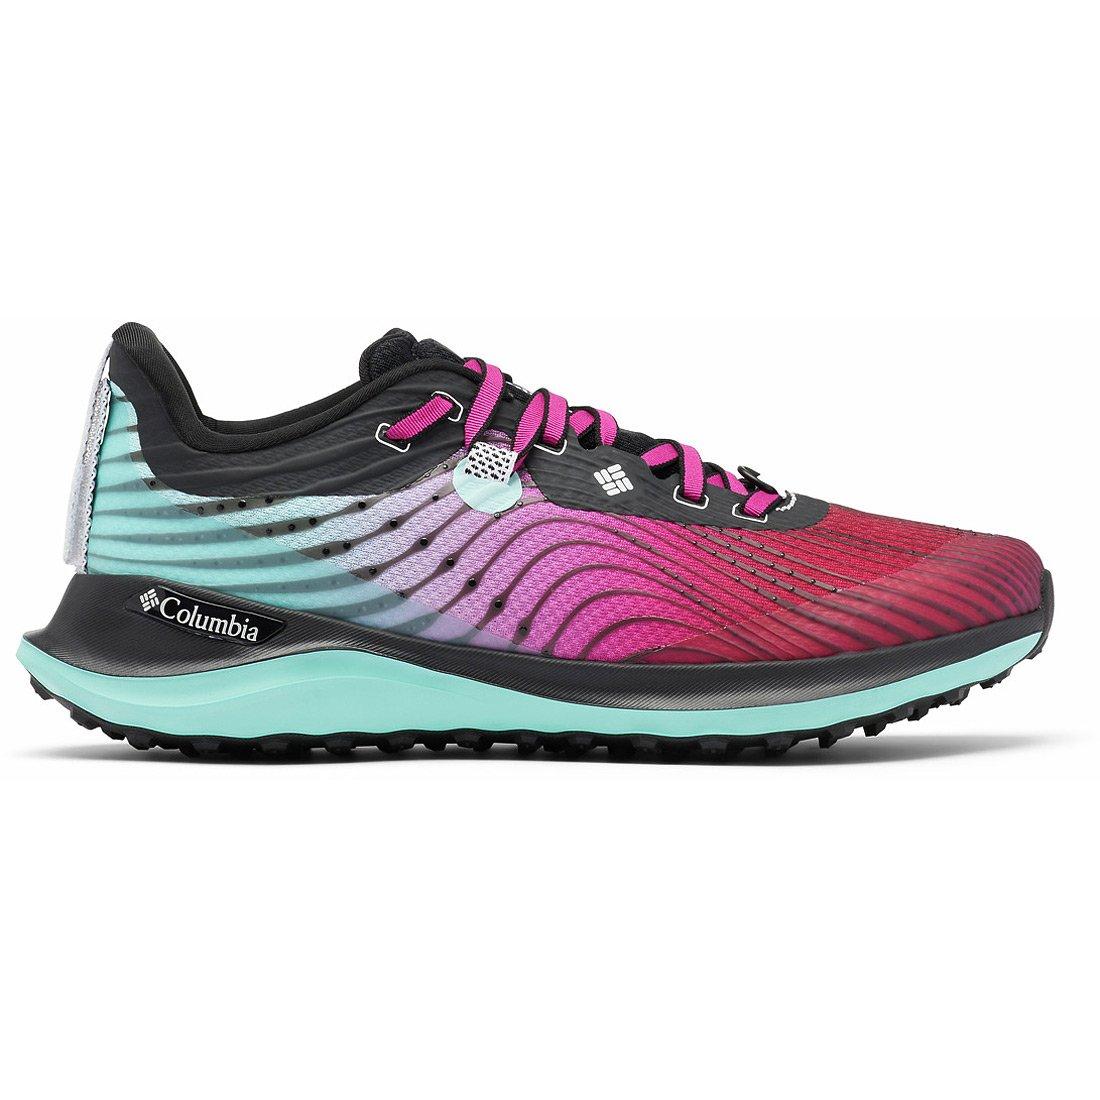 נעליי multi-sport לנשים - Escape Ascent W - Columbia